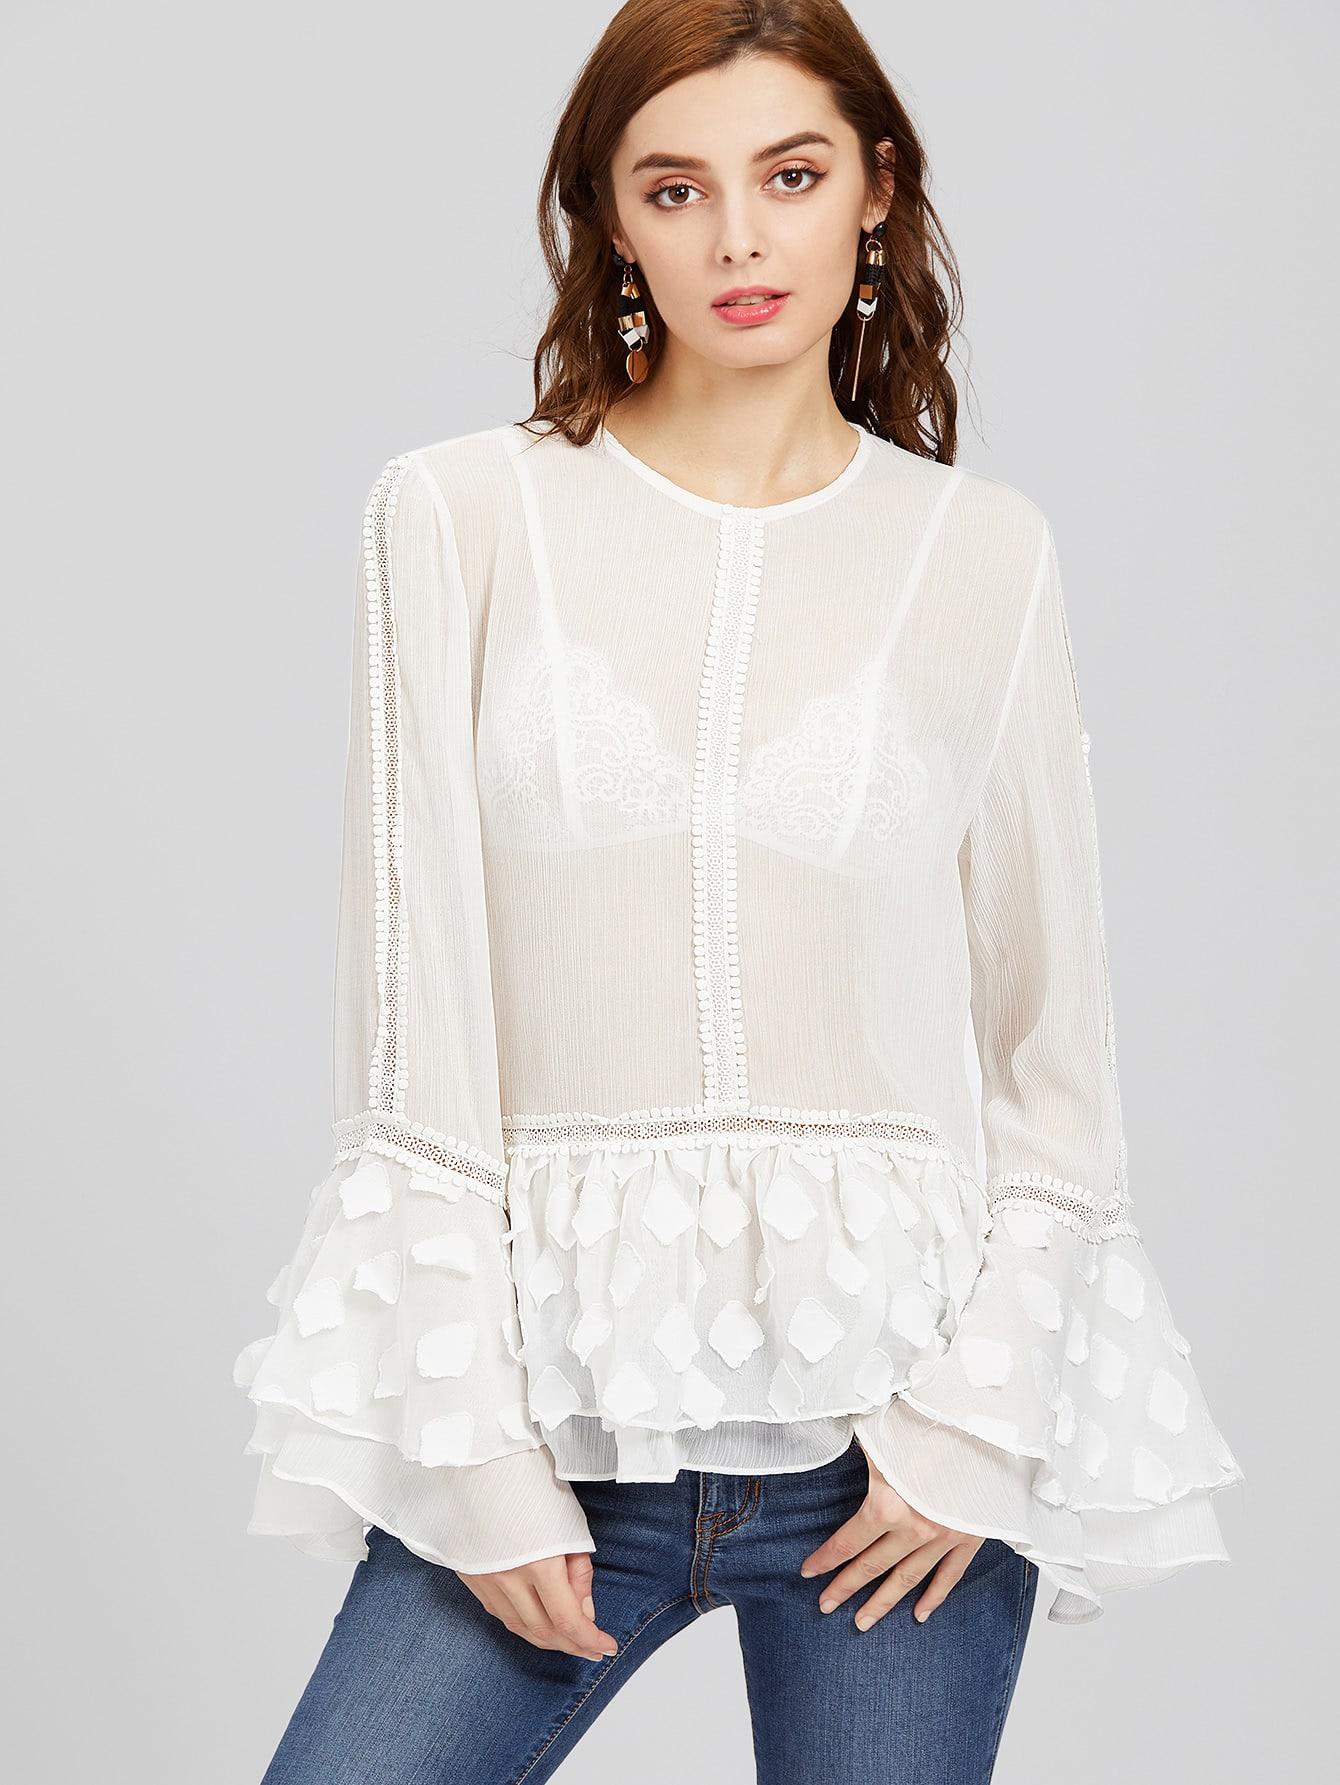 Фото Lace And Petal Applique Fluted Sleeve Sheer Layered Top. Купить с доставкой